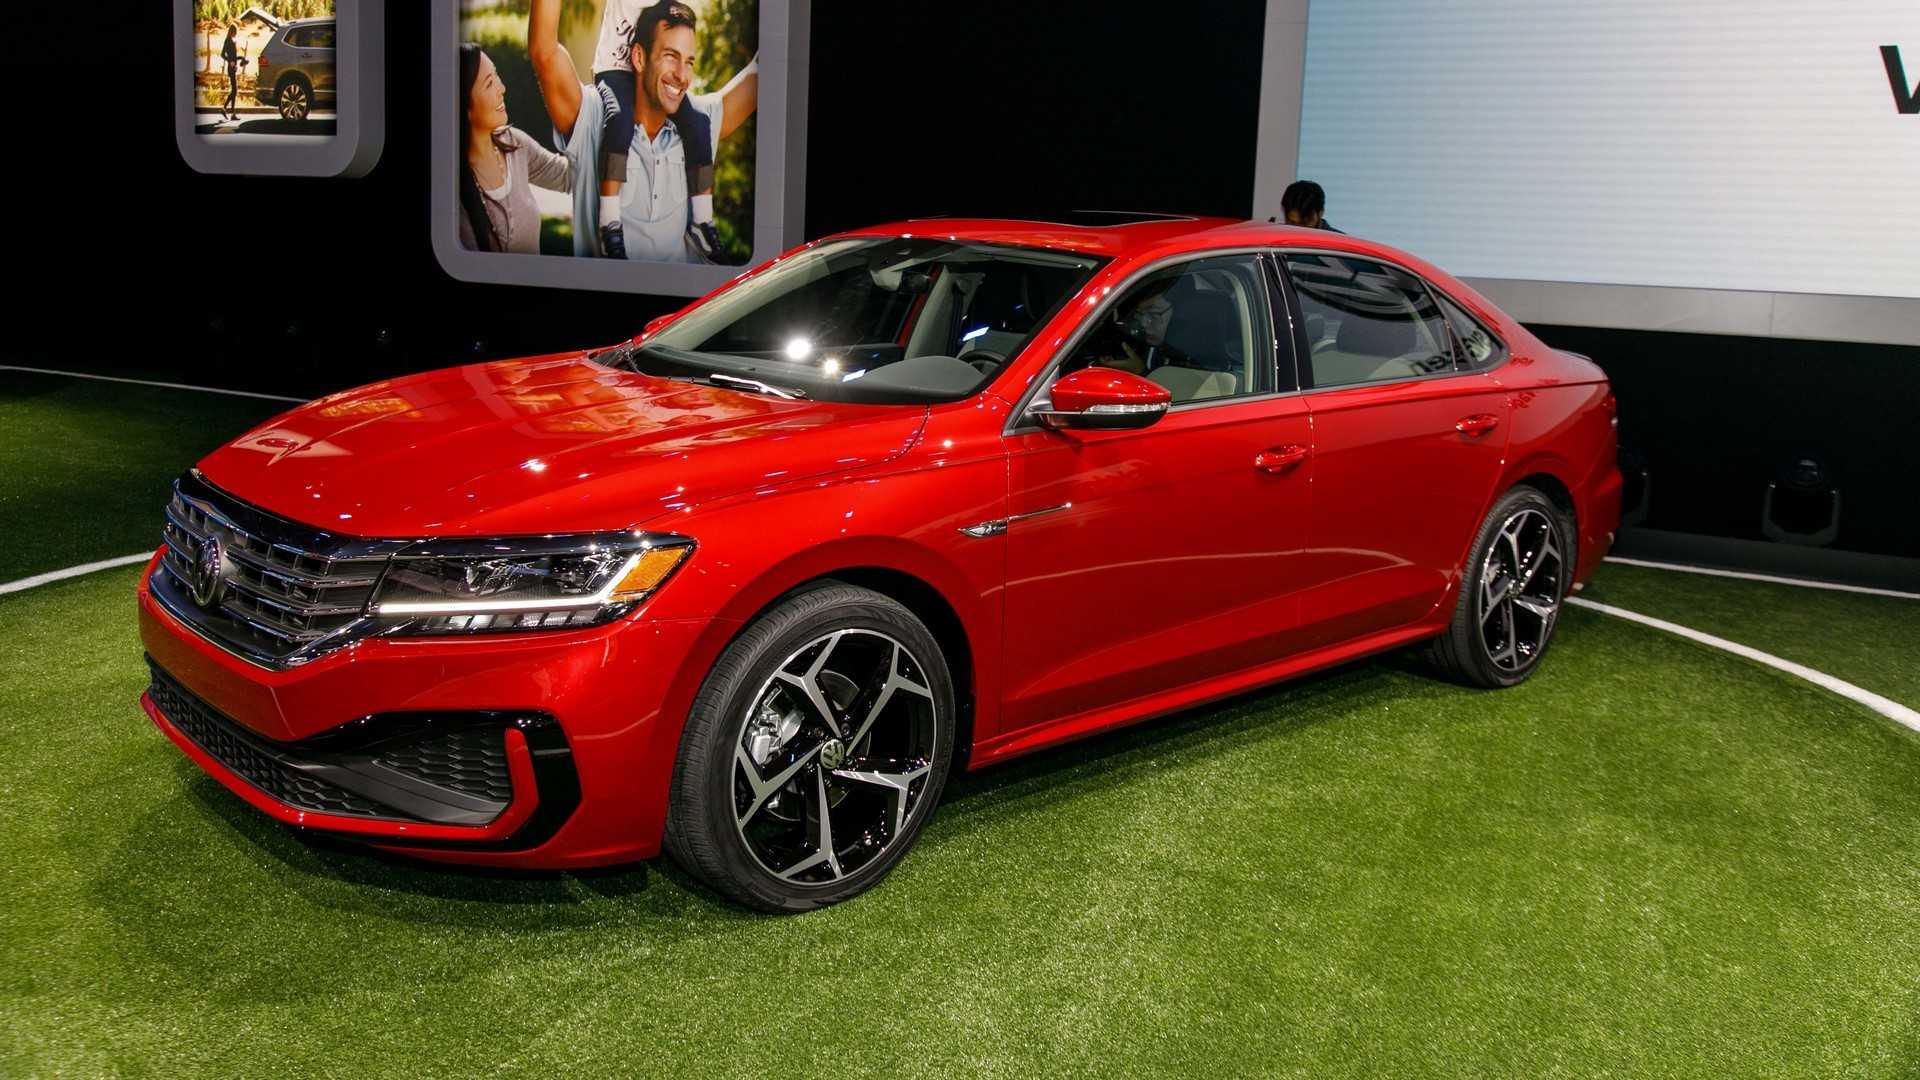 17 The Volkswagen Cc 2020 Specs by Volkswagen Cc 2020